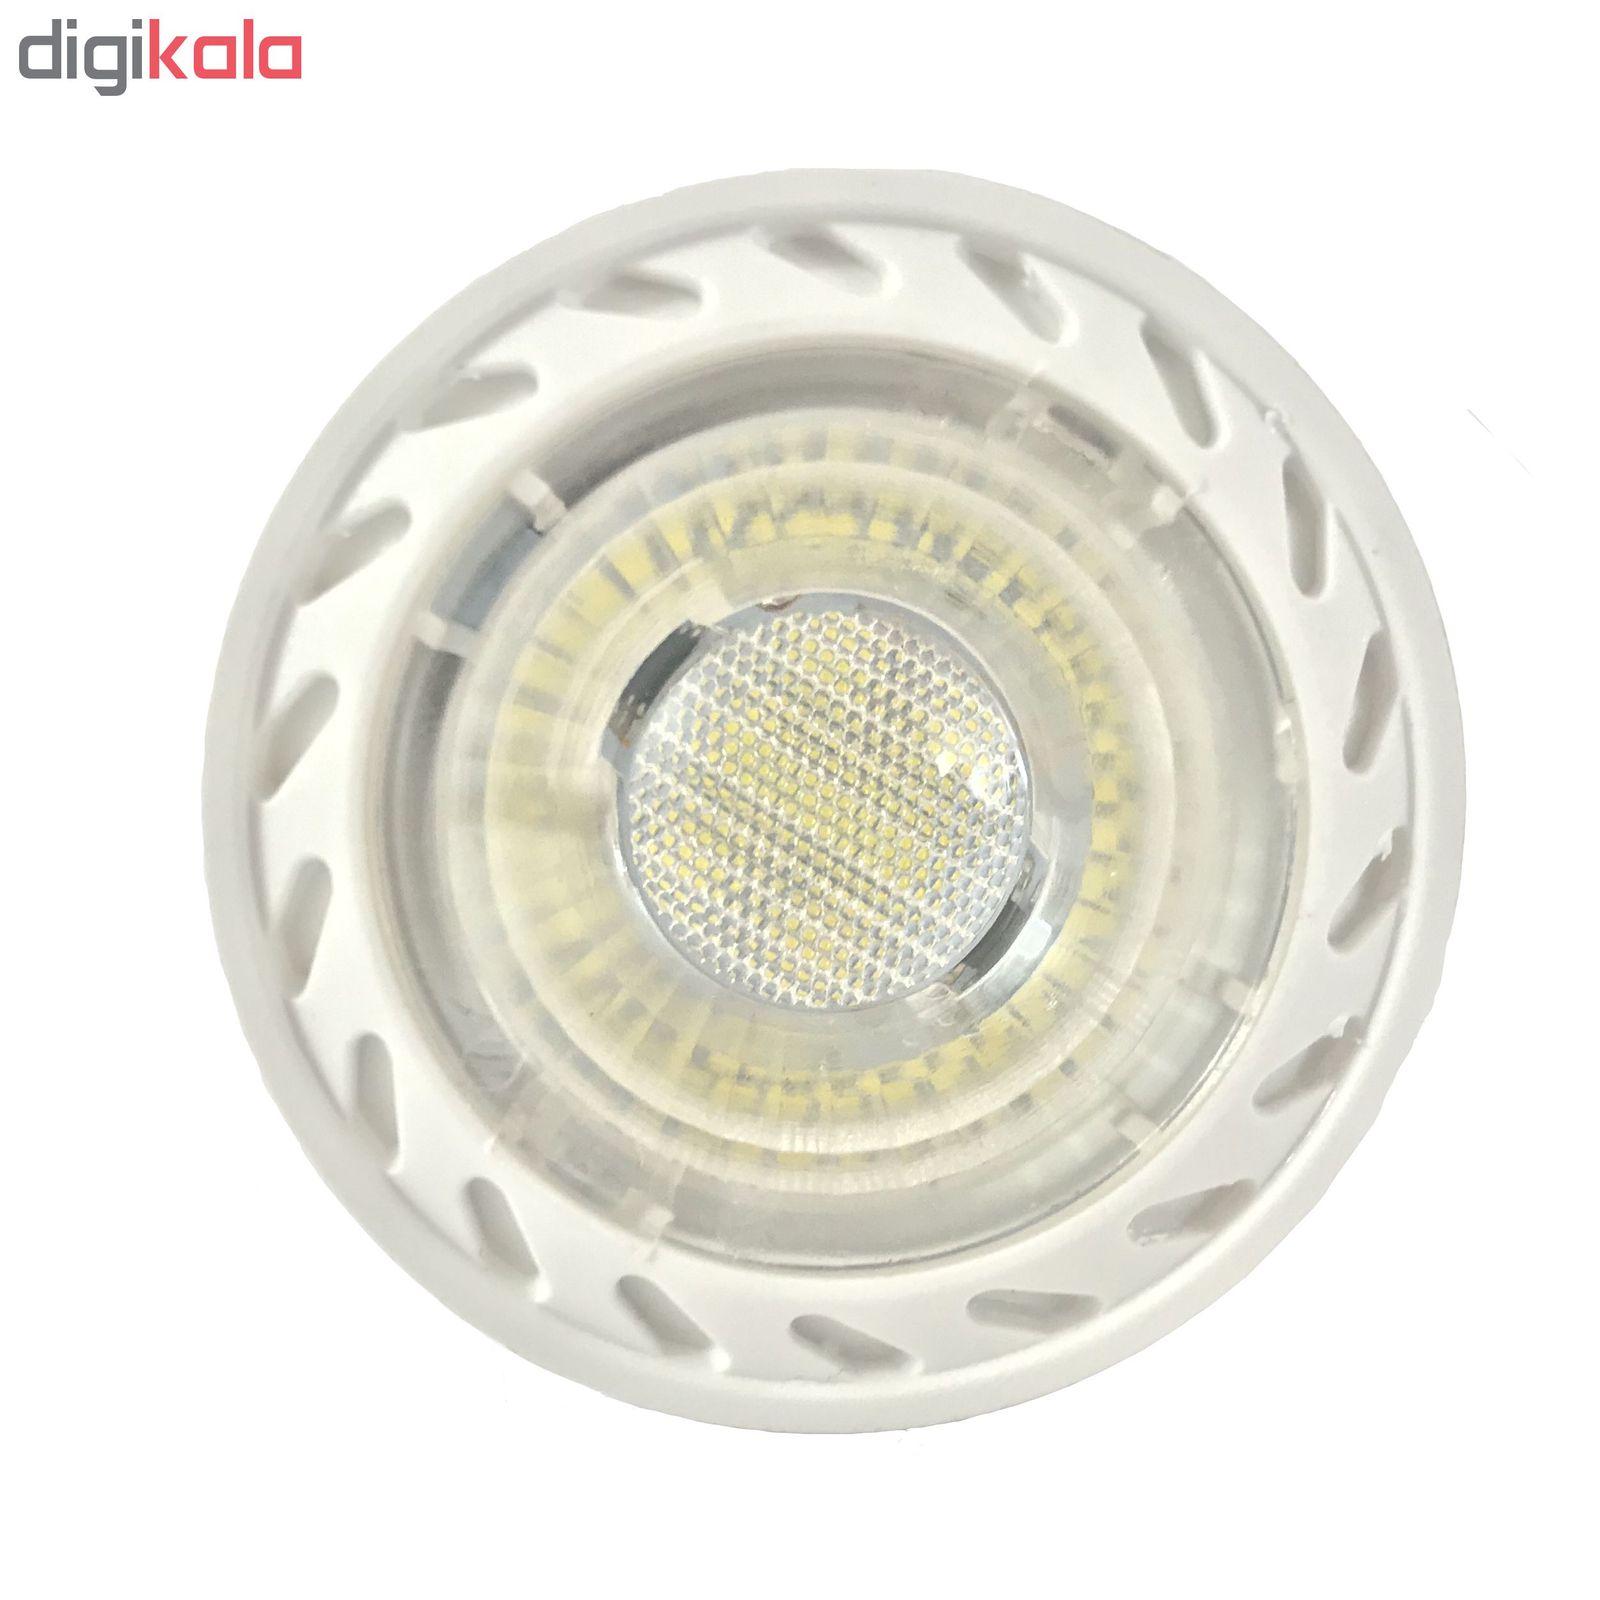 لامپ هالوژن 7 وات مدل TN 002 پایه GU5.3 بسته 4 عددی main 1 1